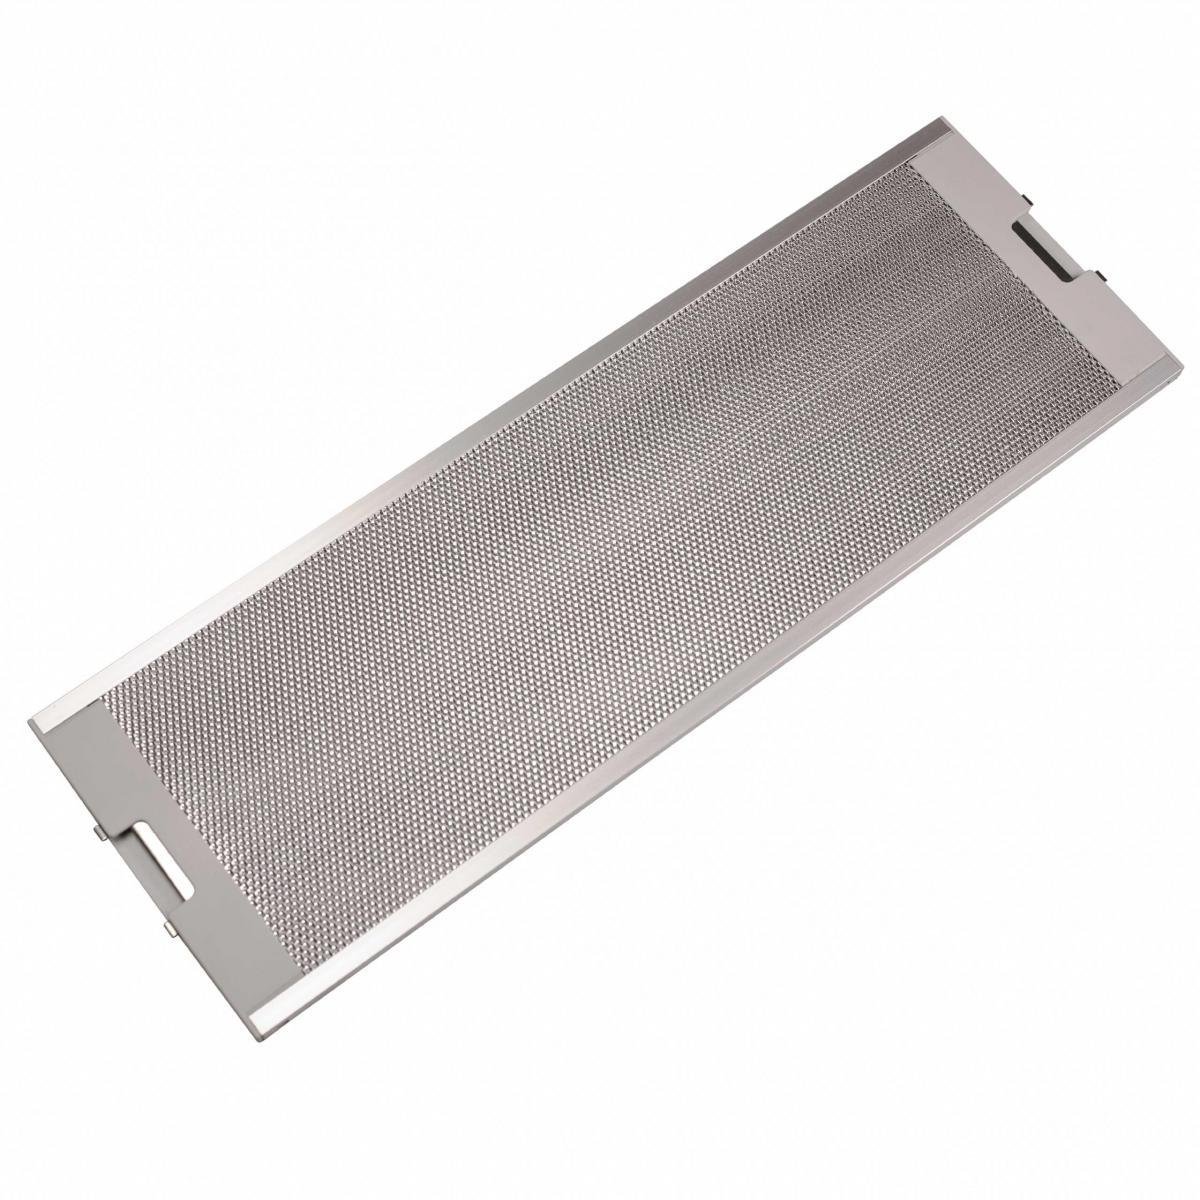 Vhbw vhbw Filtre Permanent Filtre à Graisse Métallique compatible avec Imperial DMA 64/4 EL EX, DMA 64/4 EL EX/CH Hottes de C